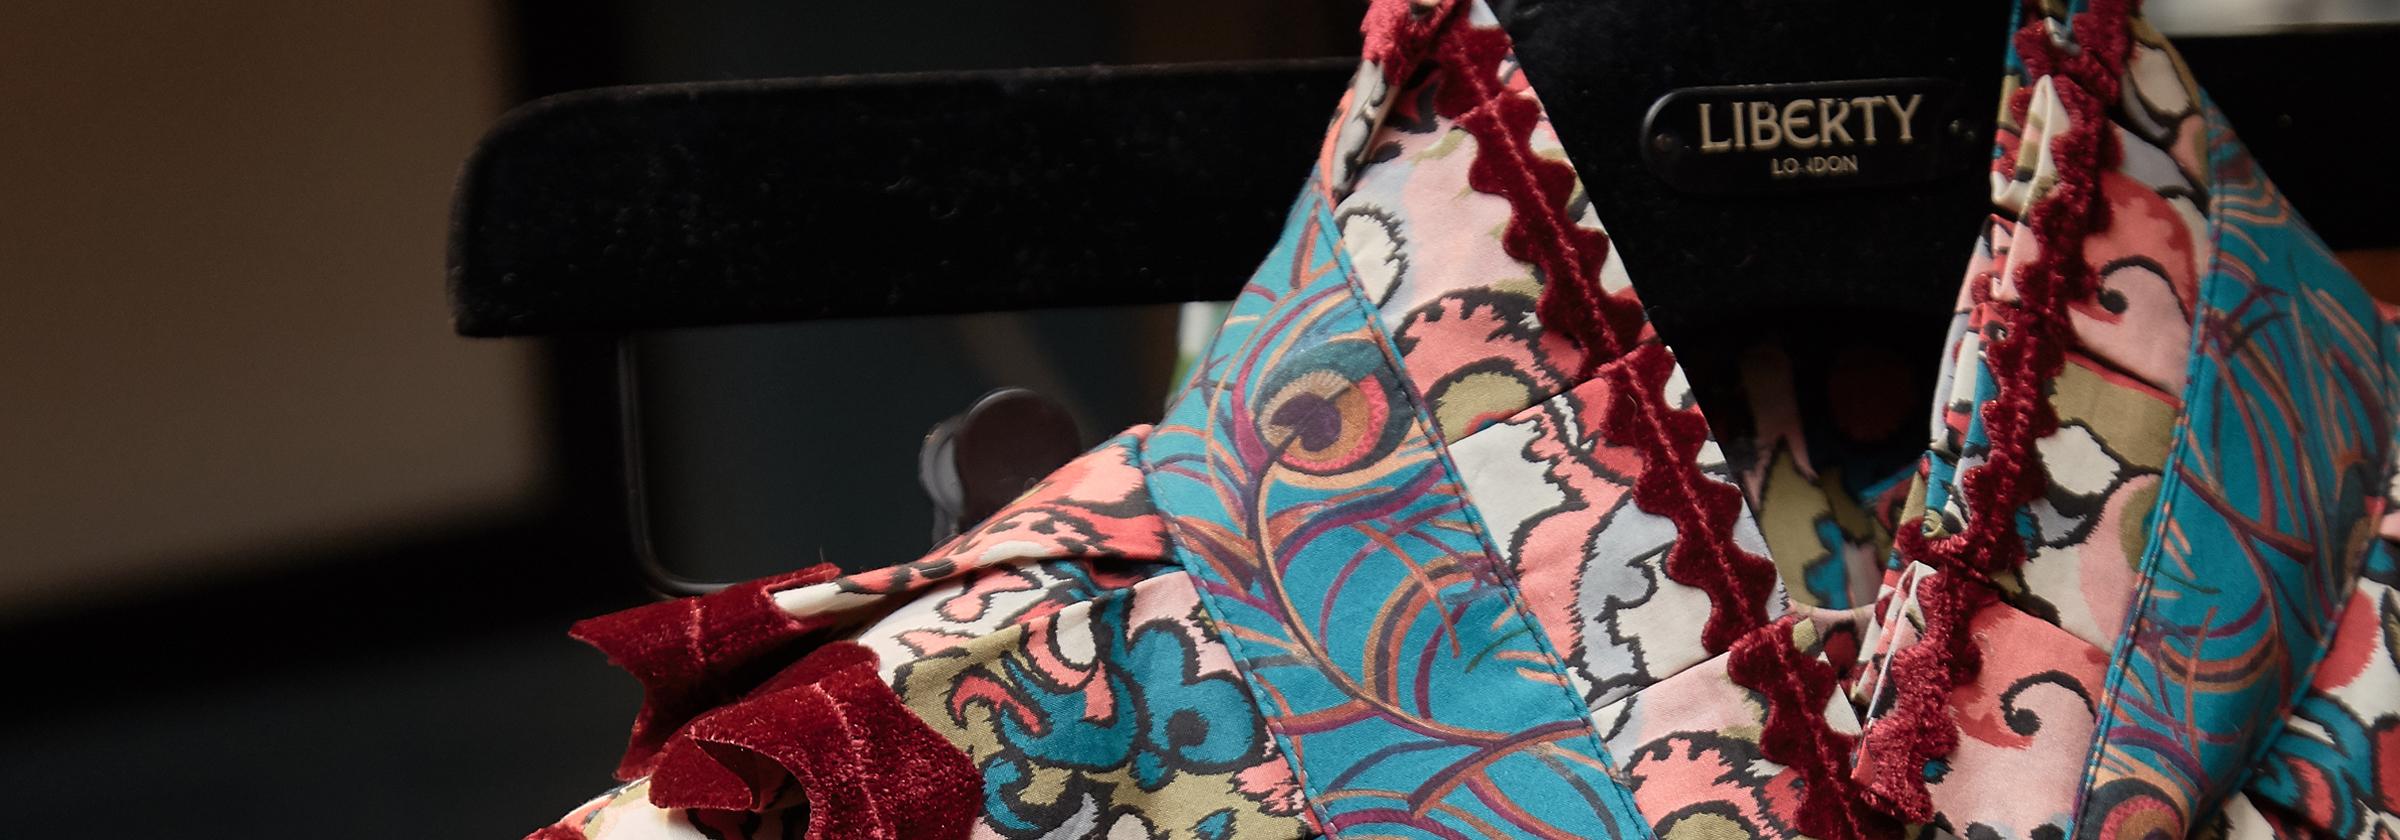 Close up of Liberty Print Collar